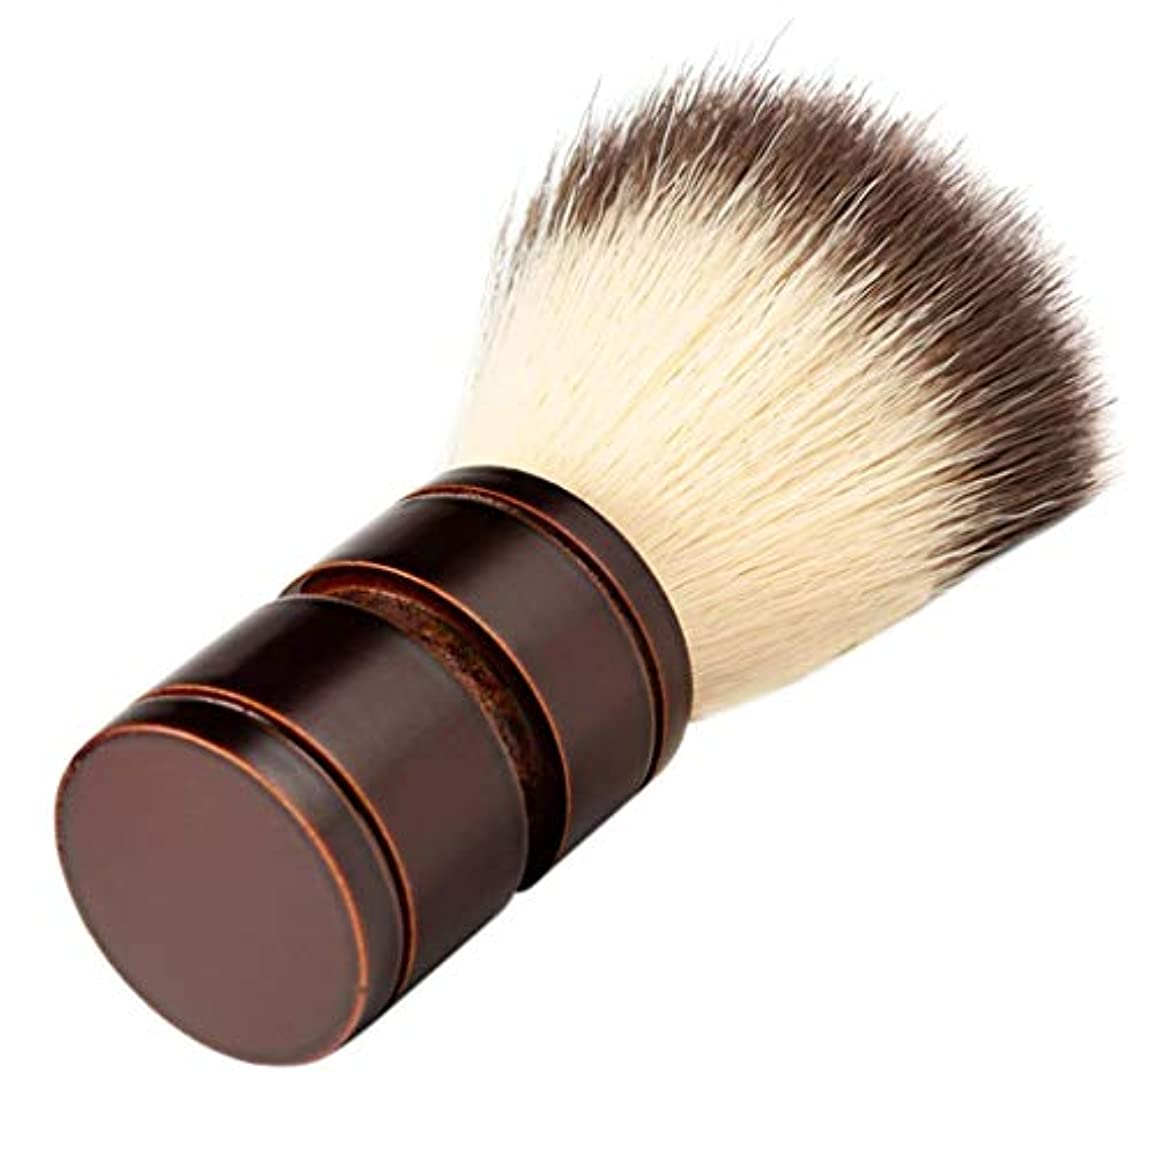 説得力のあるマエストロ瀬戸際P Prettyia シェービング ブラシ メンズ ナイロン ひげブラシ 洗顔ブラシ 理容 洗顔 髭剃り 泡立ち